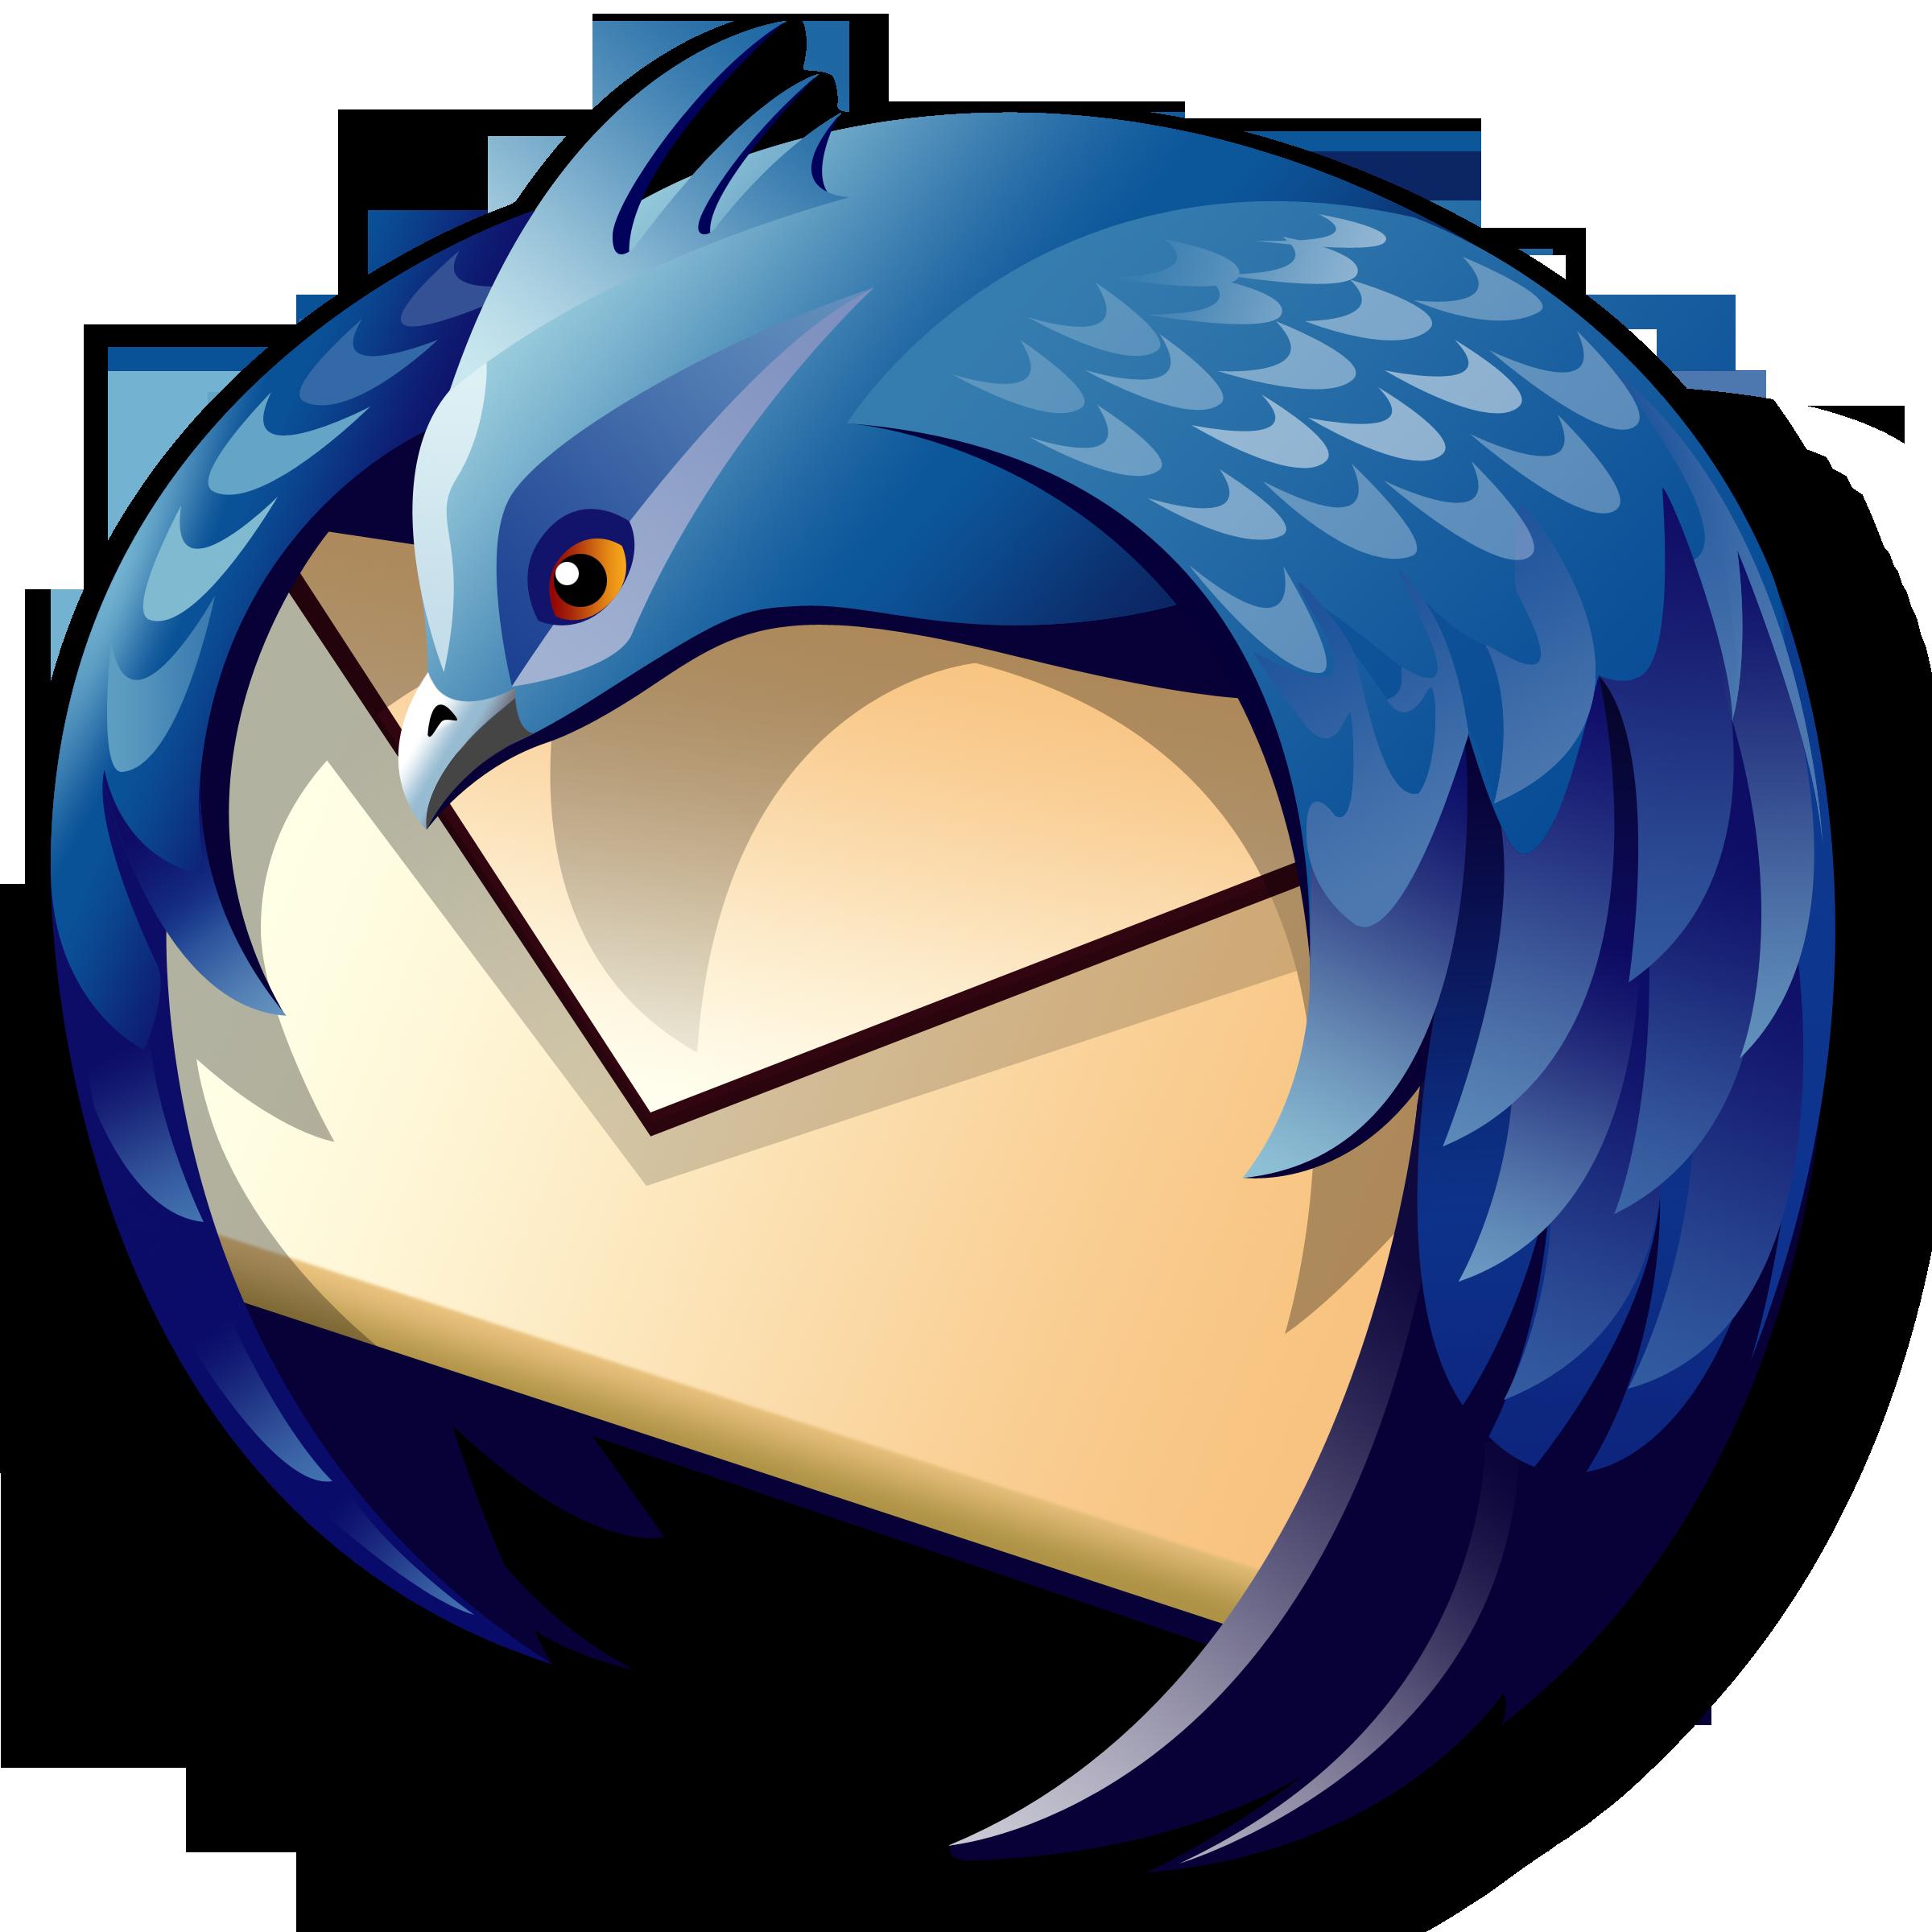 تحميل متصفح Download Mozilla Thunderbird 2020 لتصفح سريع جداً عربي مجانا